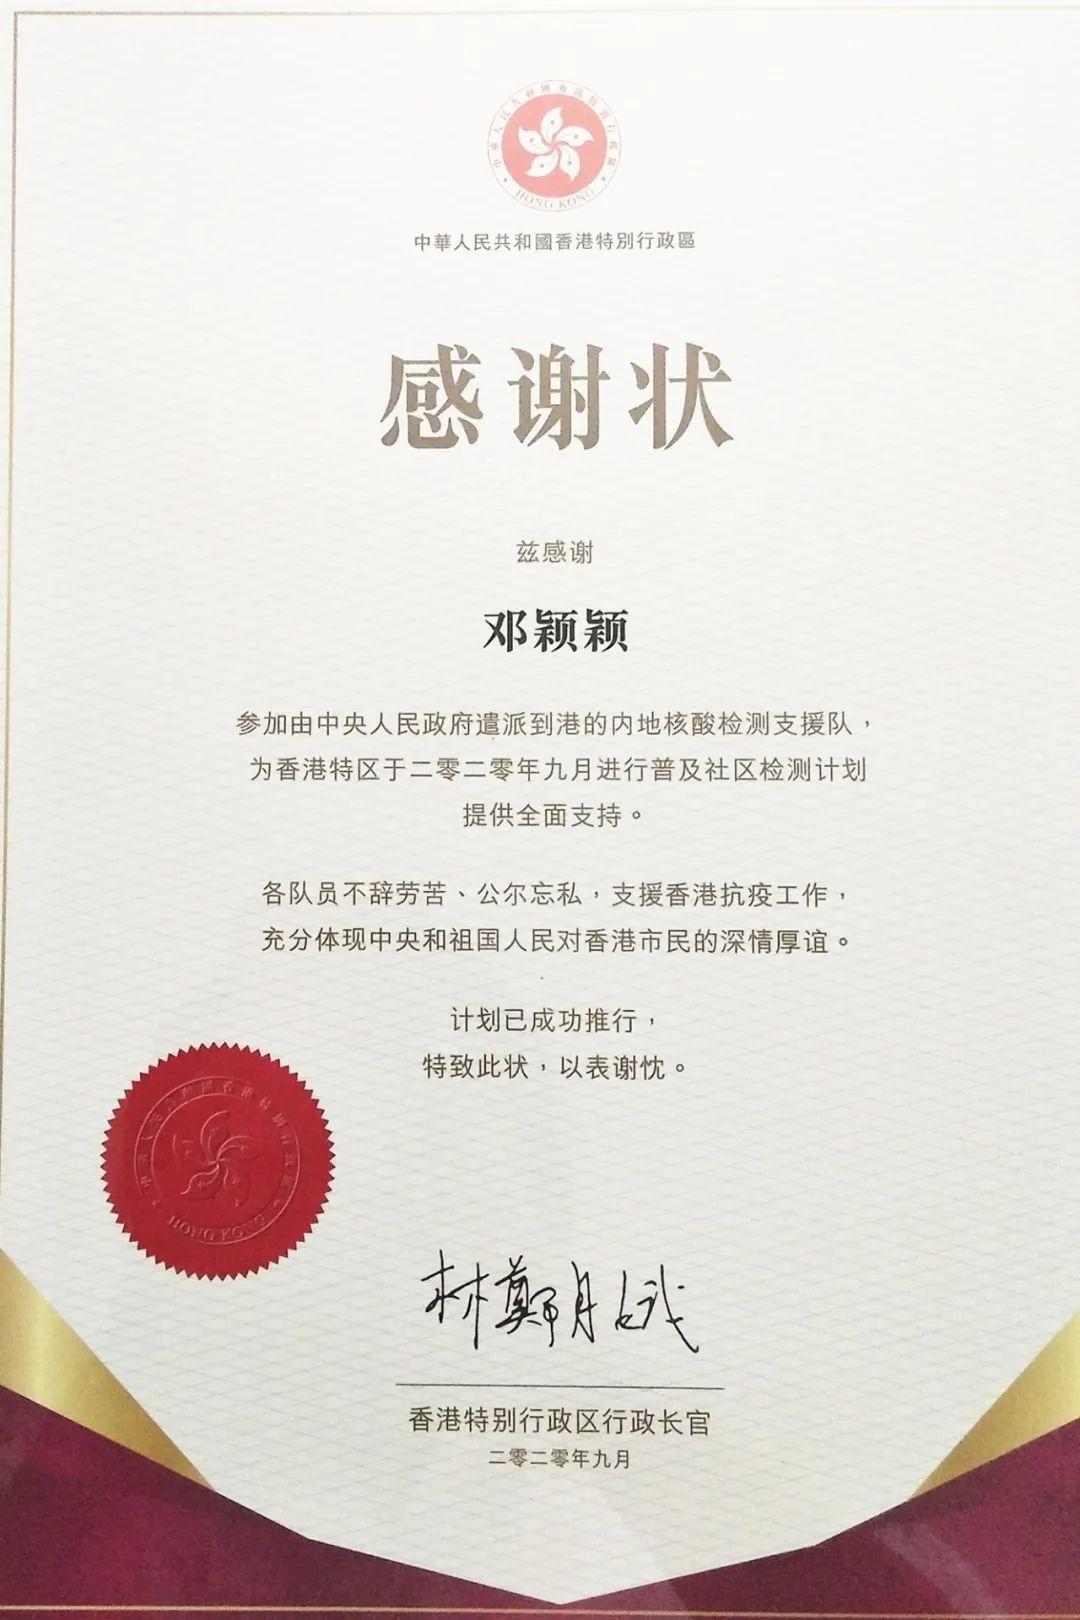 英雄归来!珠江医院陈晓娇、邓颖颖圆满完成援港抗疫任务